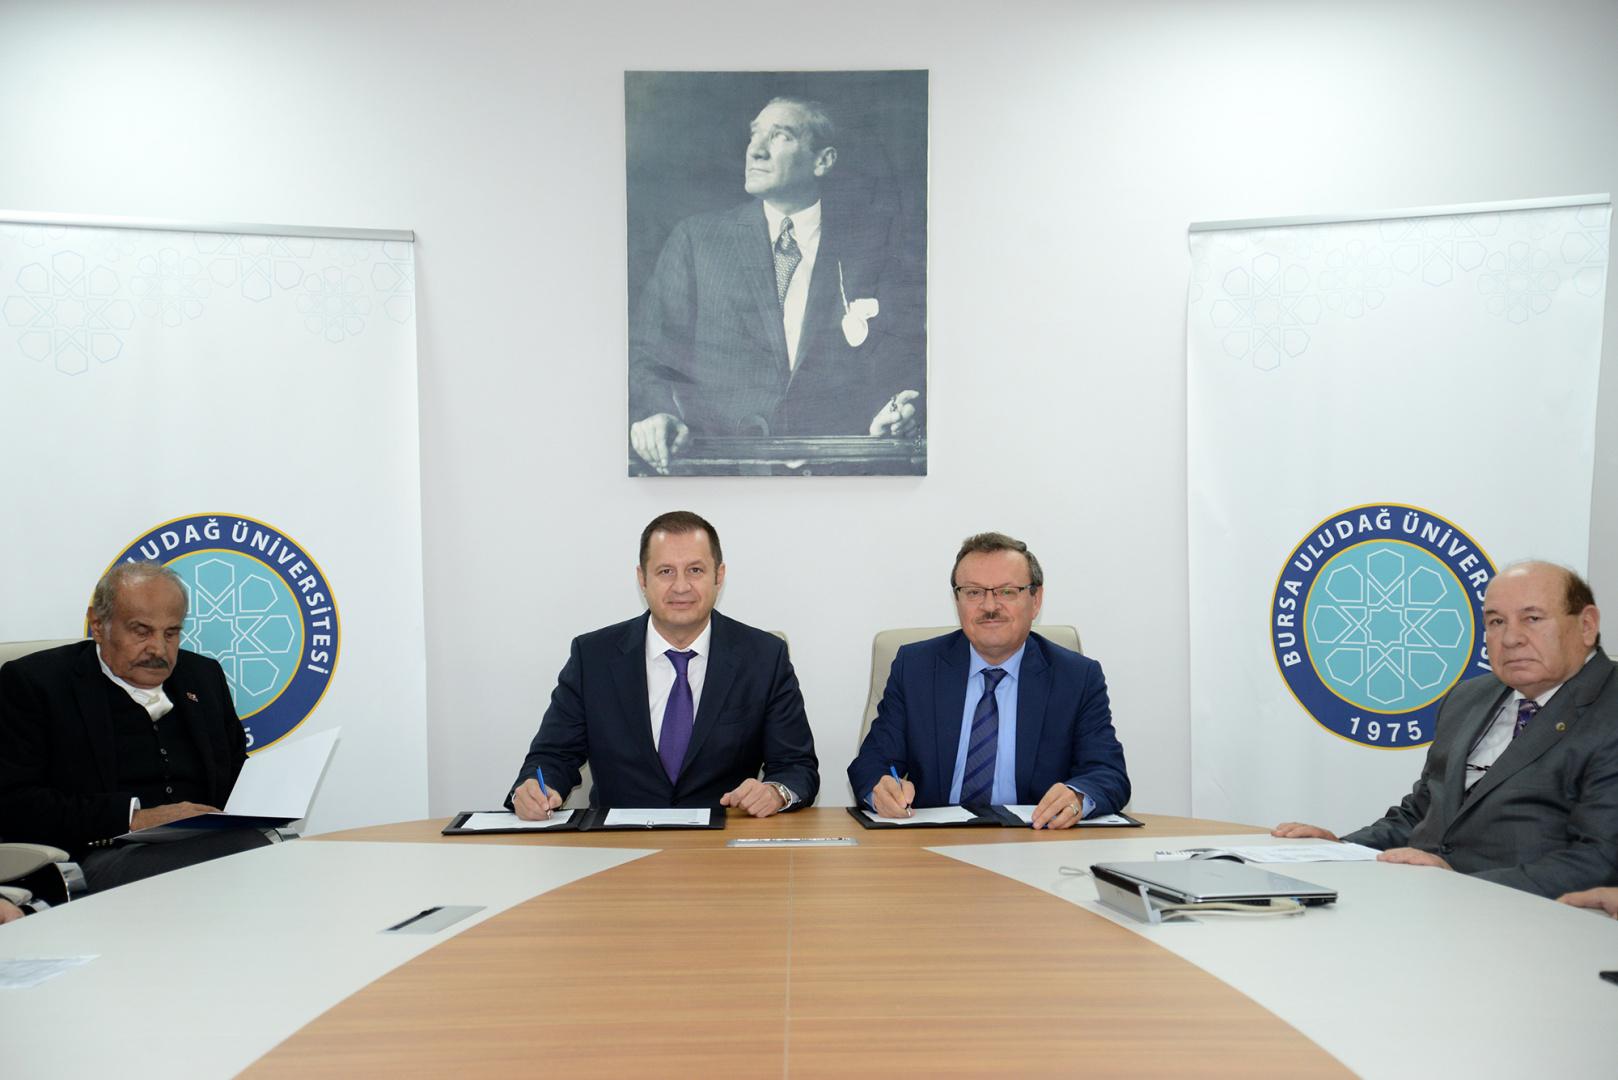 BUÜ ile Ermaksan A.Ş. arasında 2244 Sanayi Doktora Protokolü imzalandı